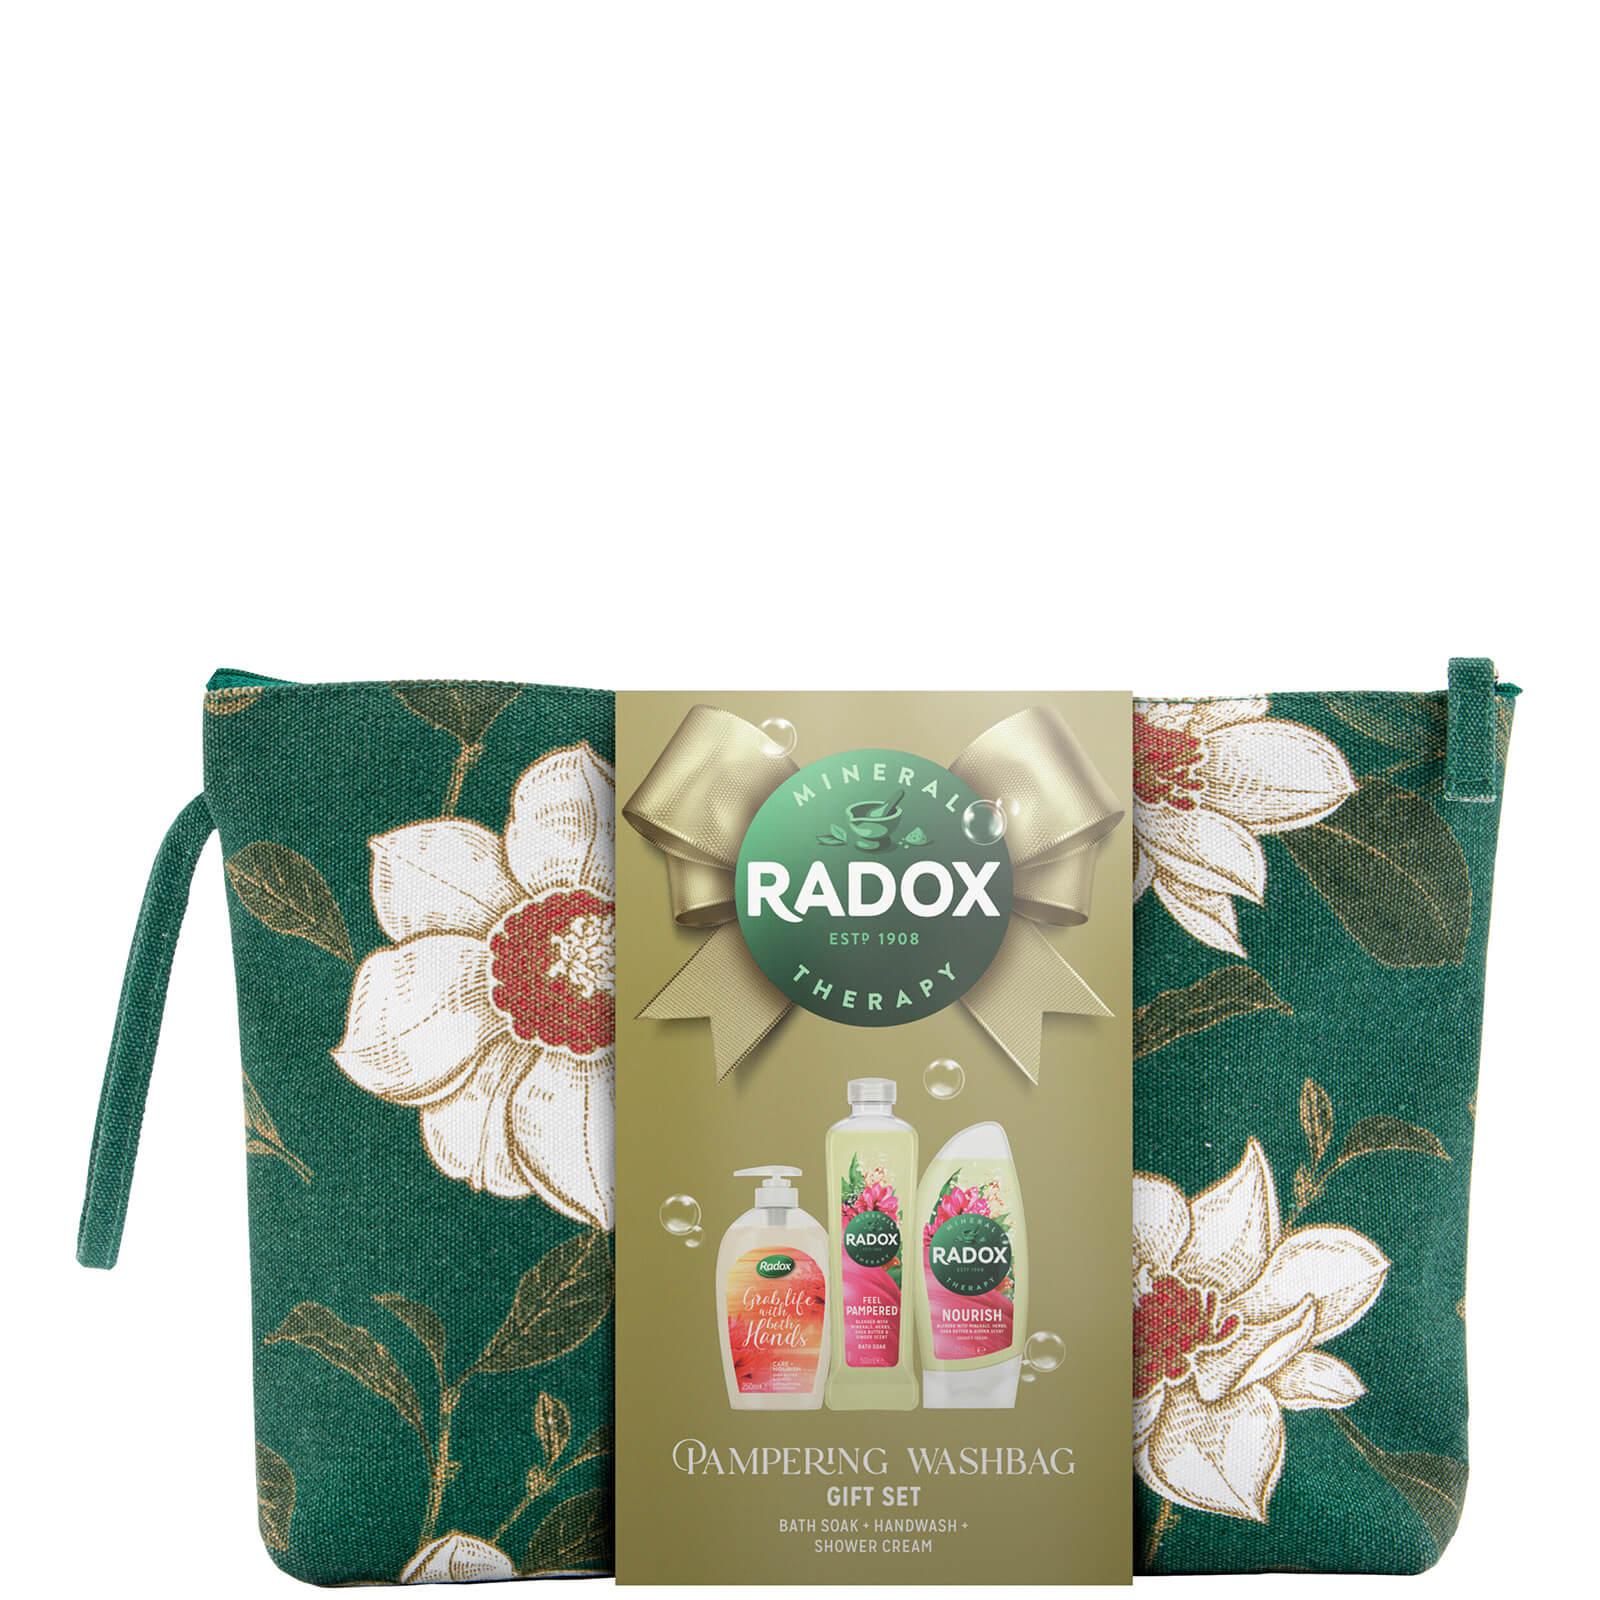 Radox Pampering Washbag Gift Set